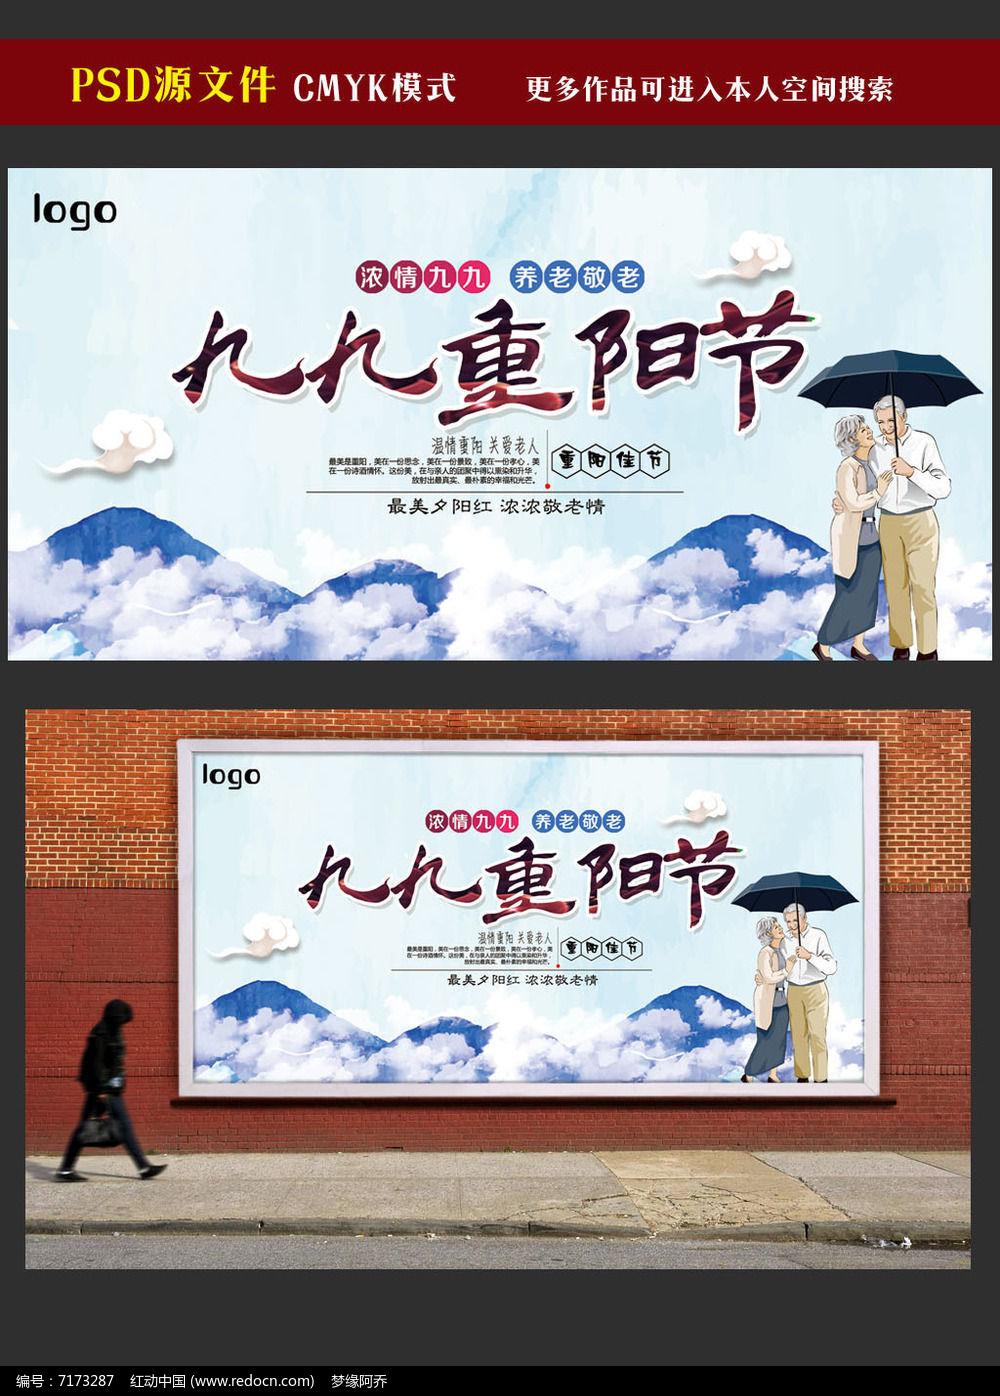 九九重阳节宣传海报背景 红动网